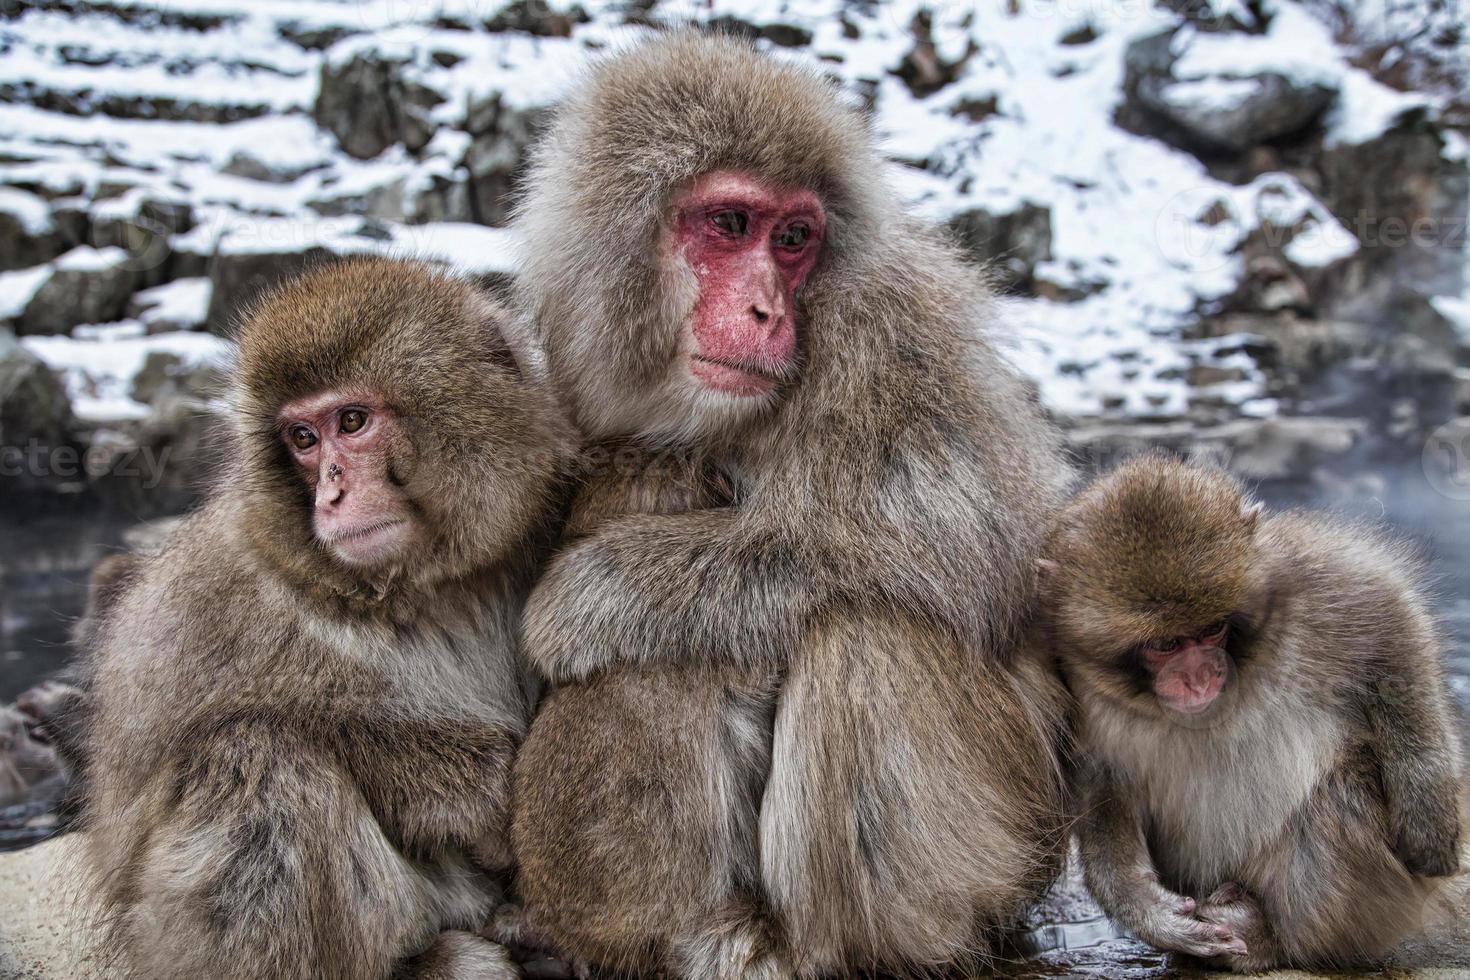 macaco de neve japonesa em fontes termais. foto